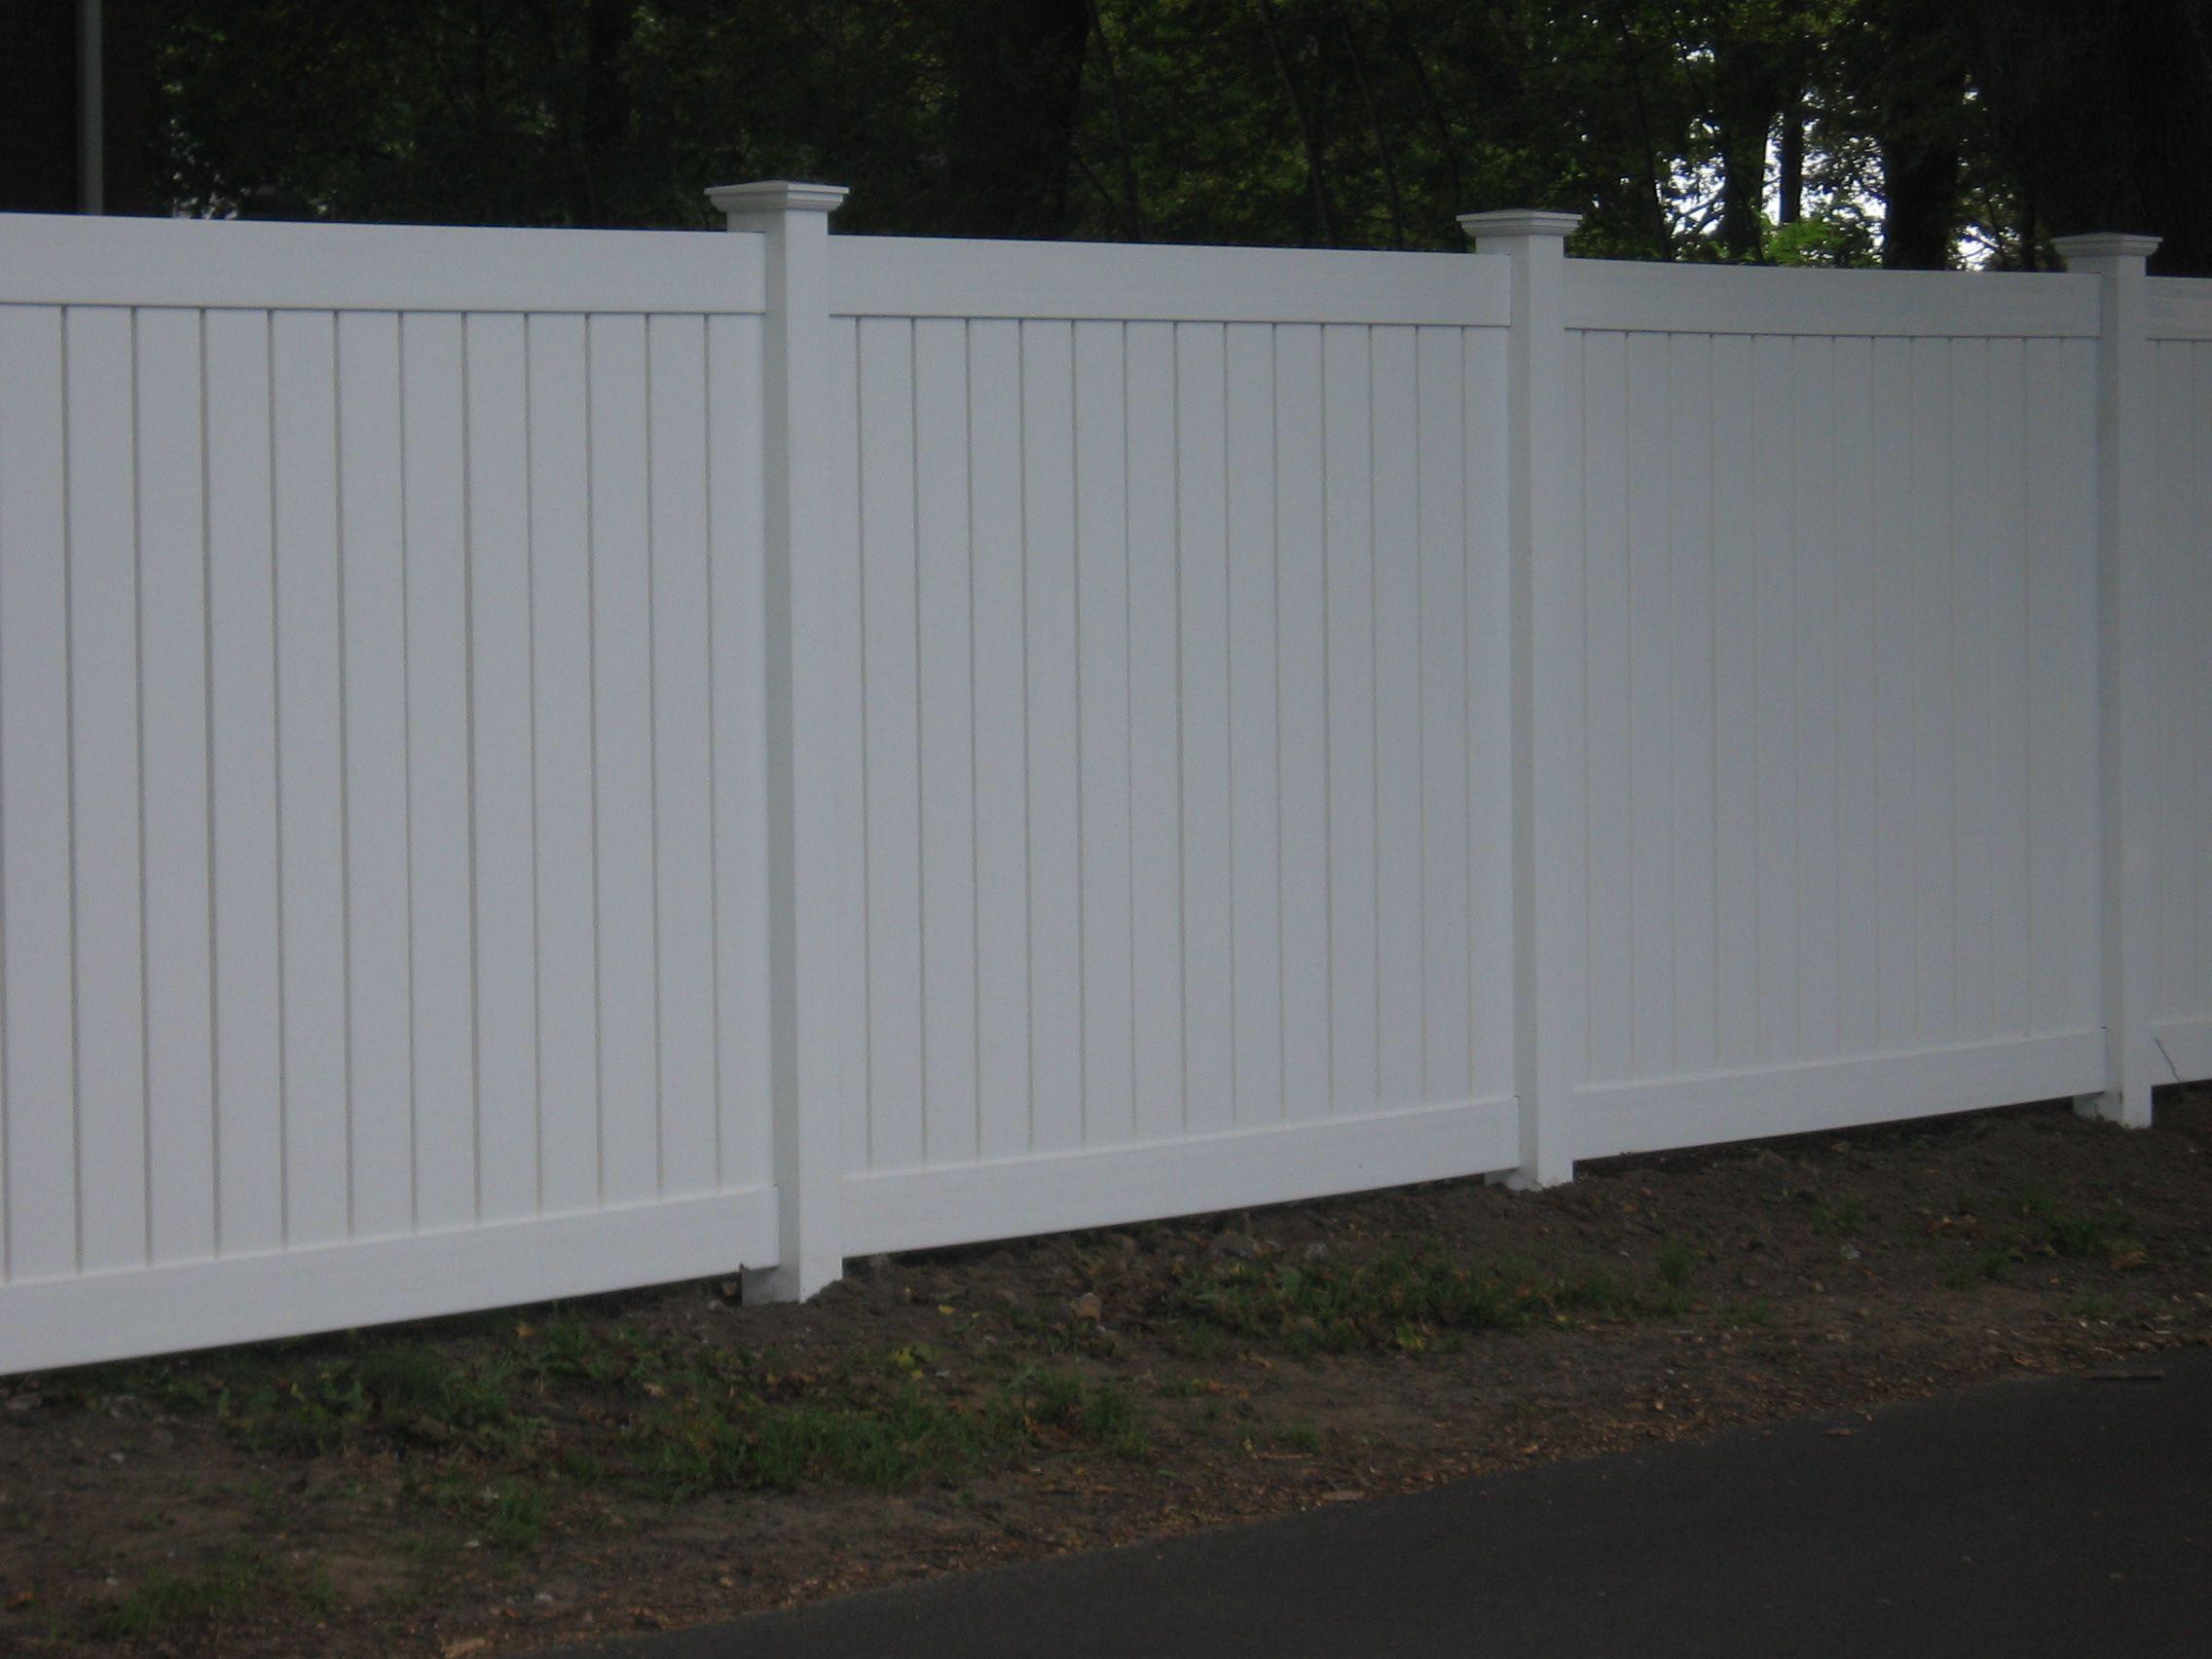 4 Impressive Tips Front Yard Fence Horizontal Vinyl Fence Pool White Split Rail Fence Fence Colours House Fence Photo Fence Design Backyard Fences Fence Decor